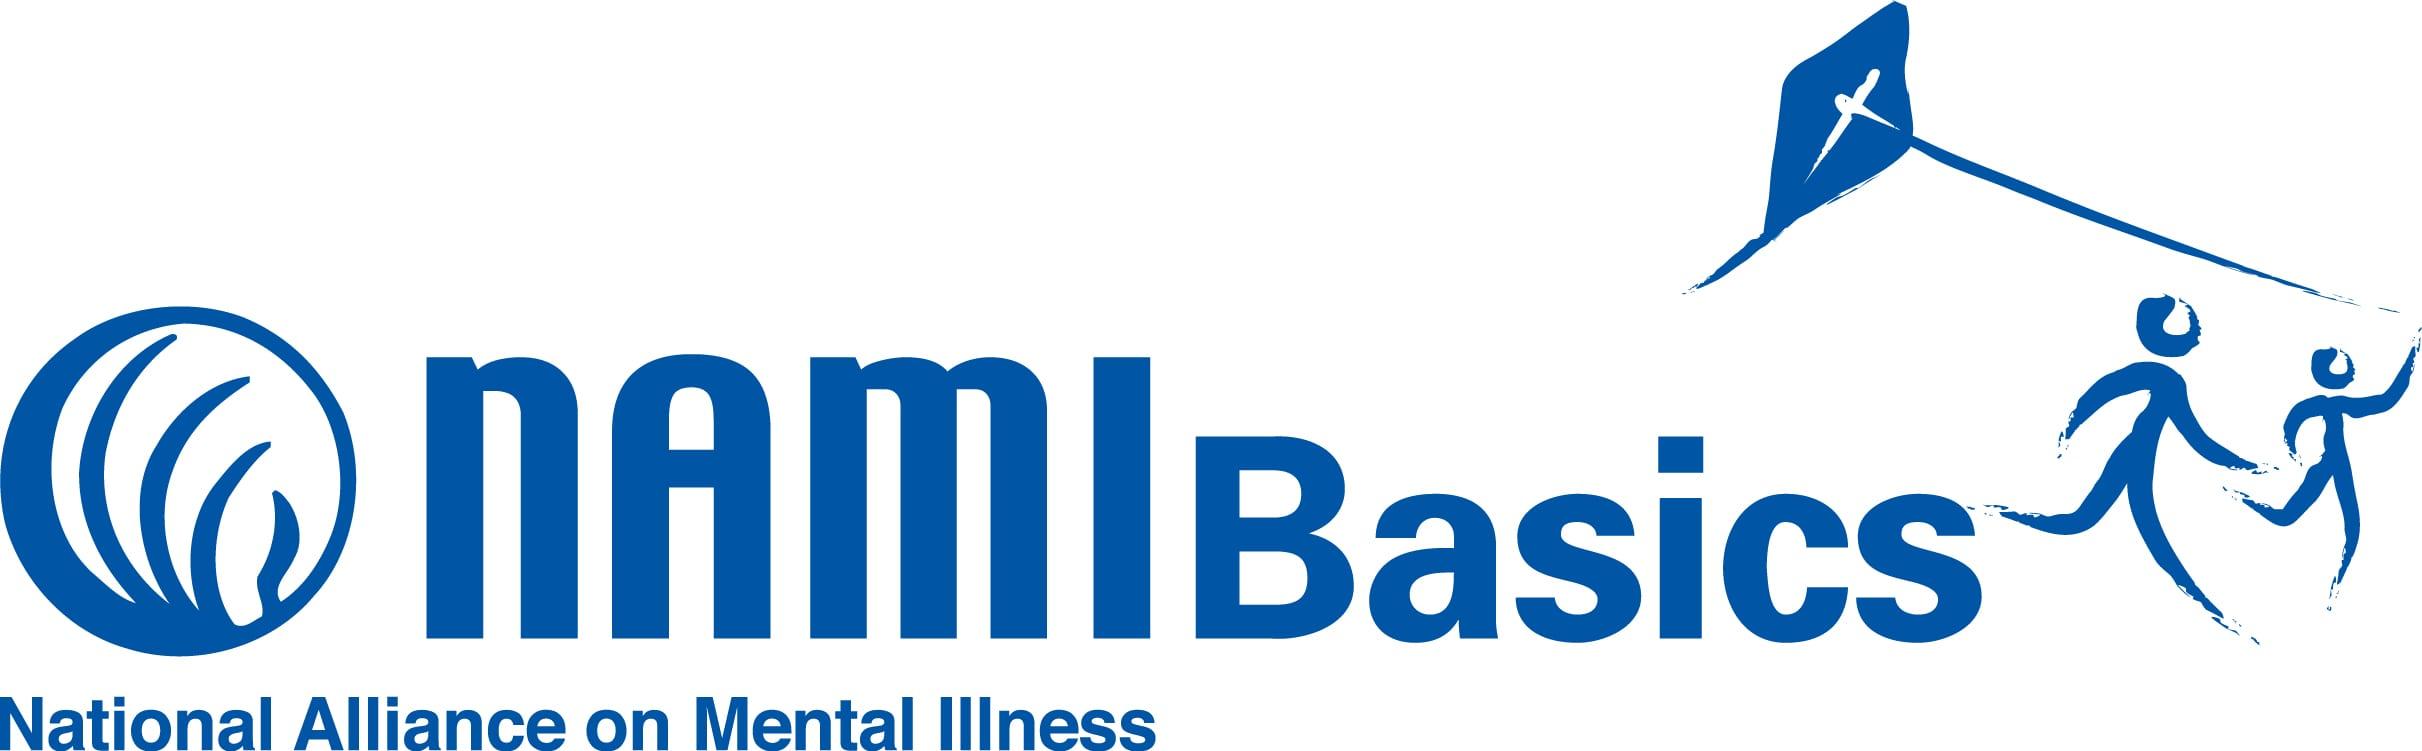 NAMI Basics logo